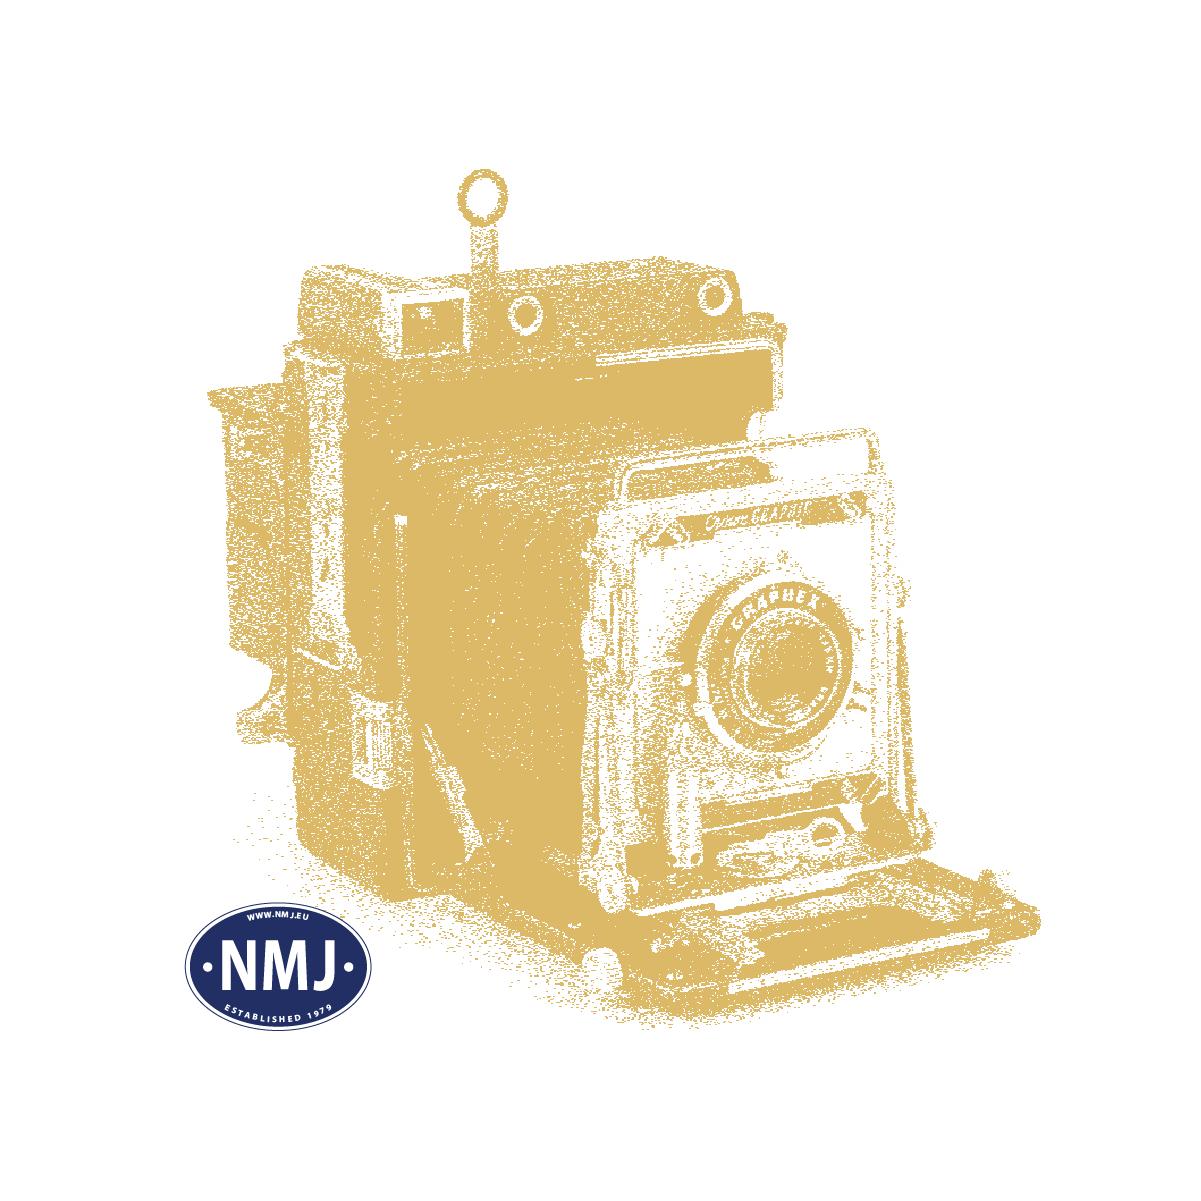 NMJ0G4-1 - NMJ Superline NSB G4 41111, Spor 0